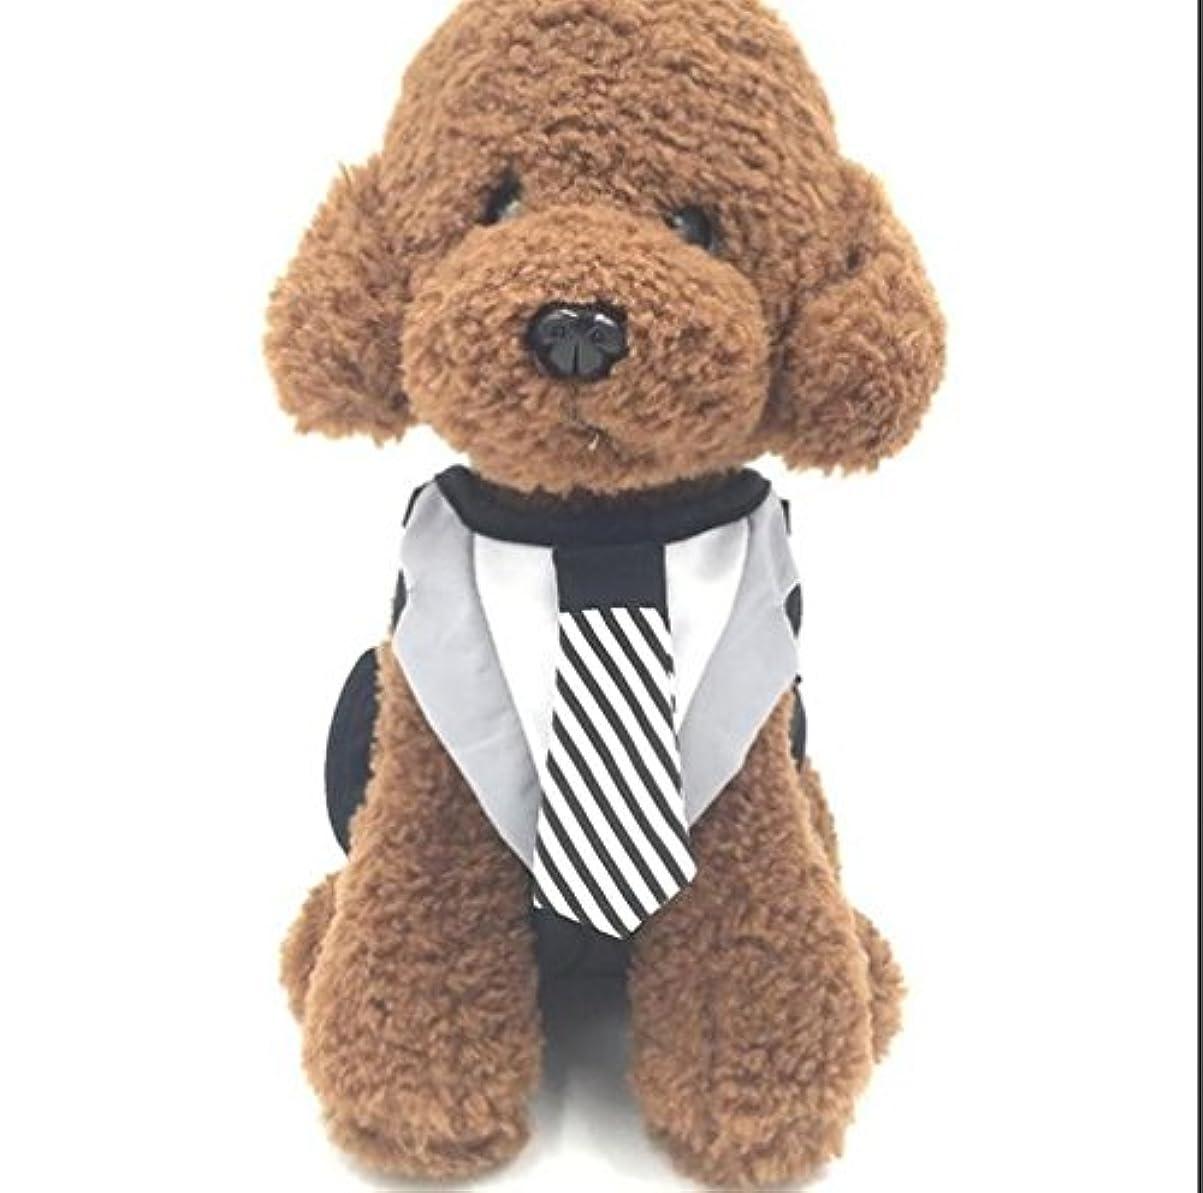 細部正規化学部【560kick】 白黒ネクタイ タキシード風 ハーネス リード セット 巾着袋型 3サイズ (L)